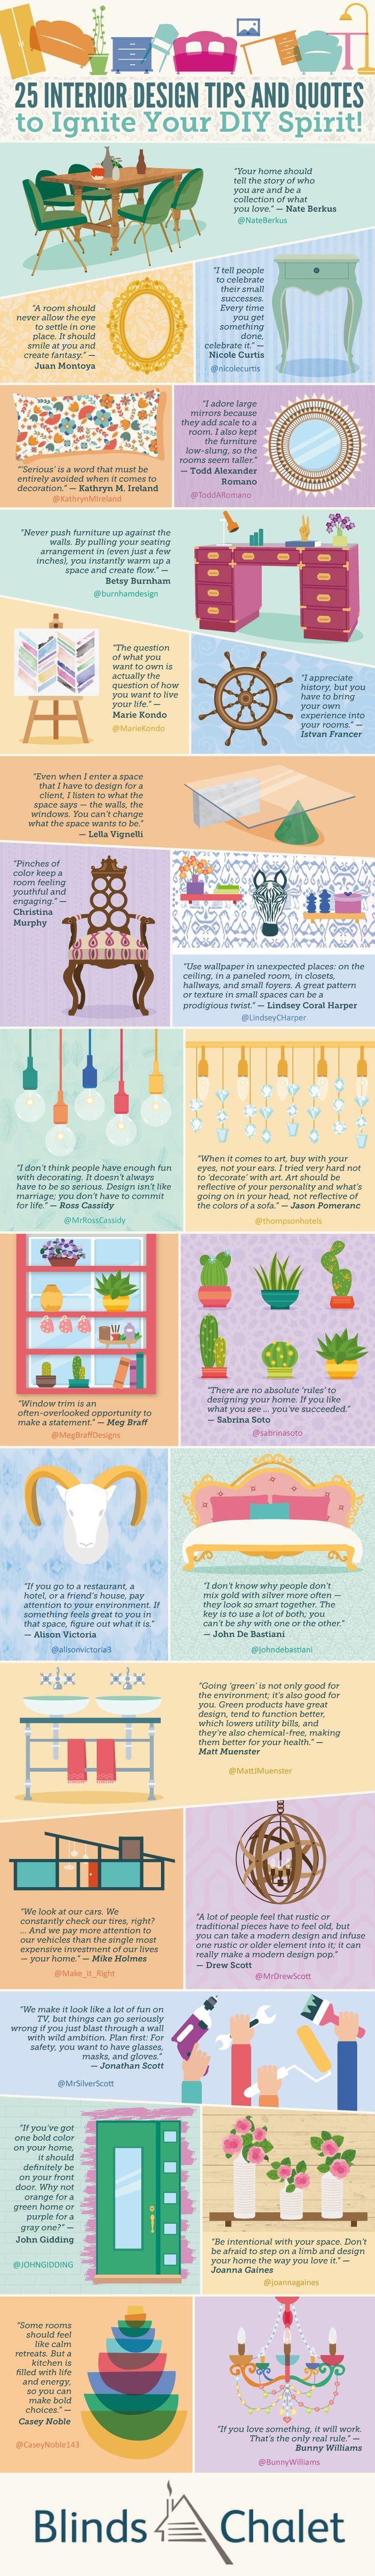 25 Interior Design Tips and Quotes to Ignite Your DIY Spirit #Infographic #InteriorDesign #Quotes